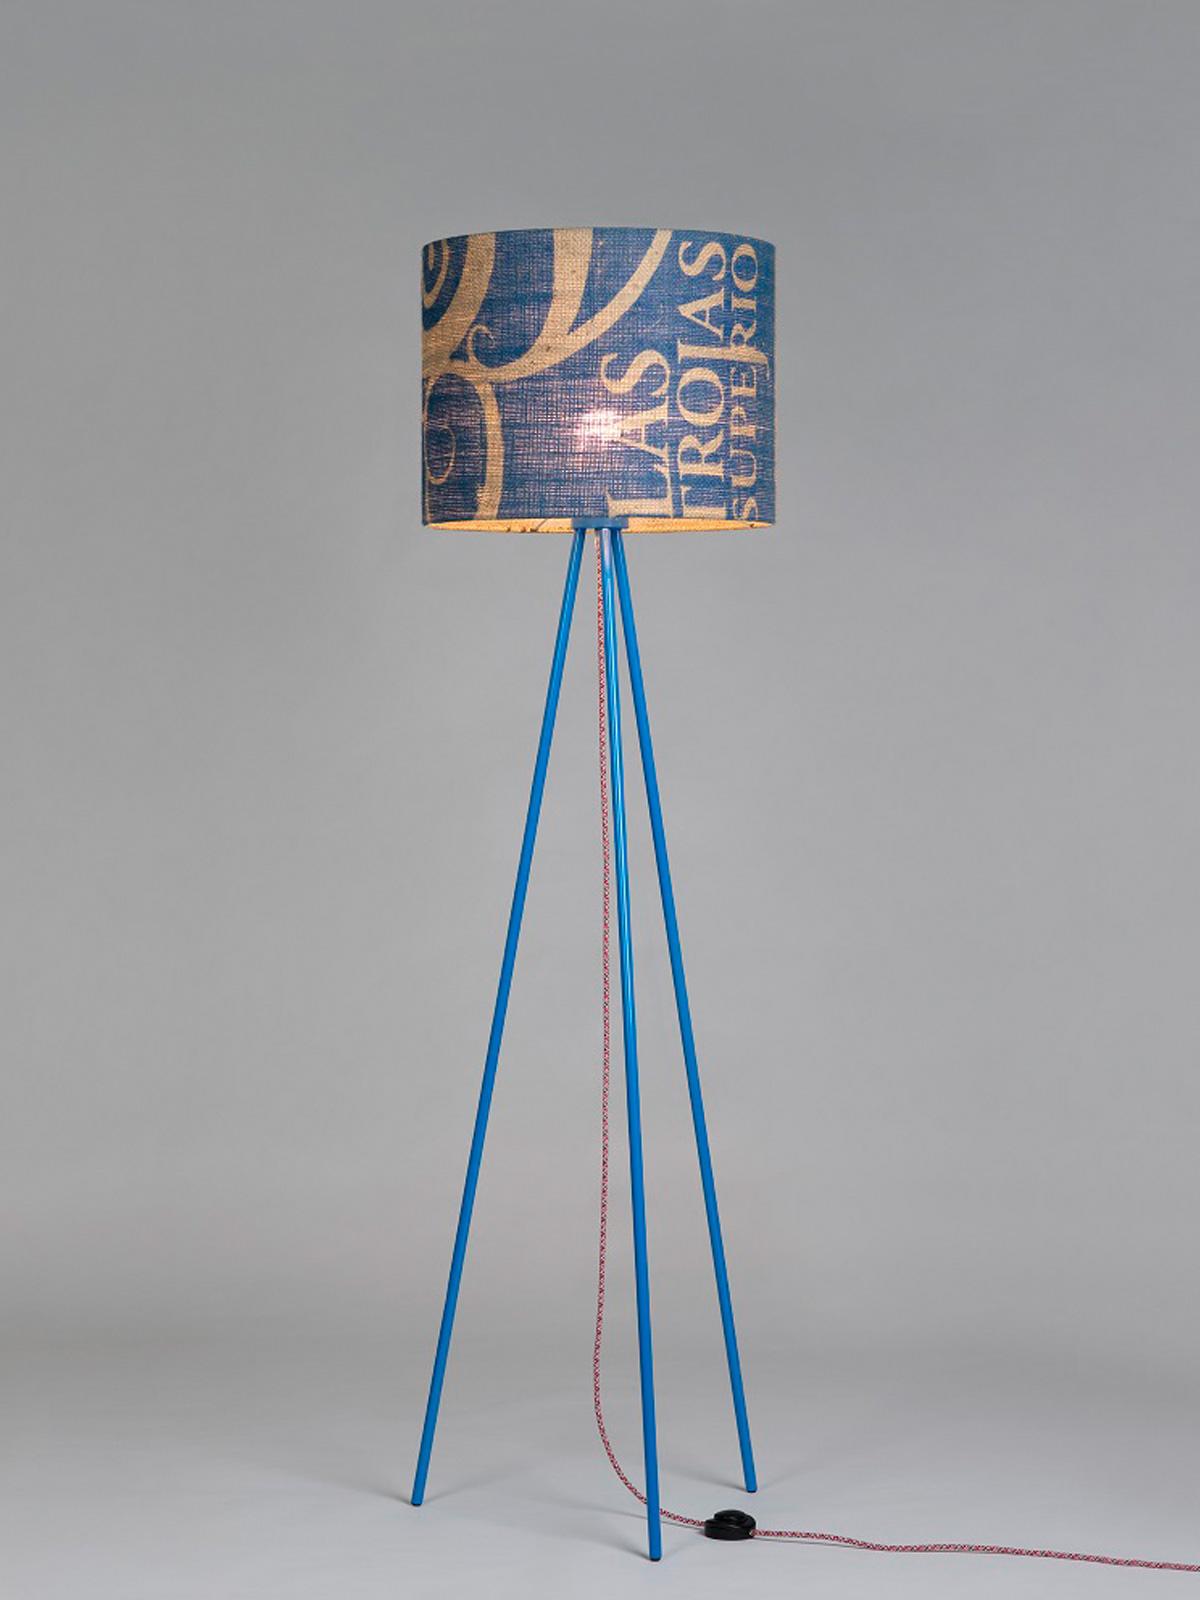 Perlbohne Stehleuchte Kaffeesack lumbono DesignOrt Onlineshop Lampen